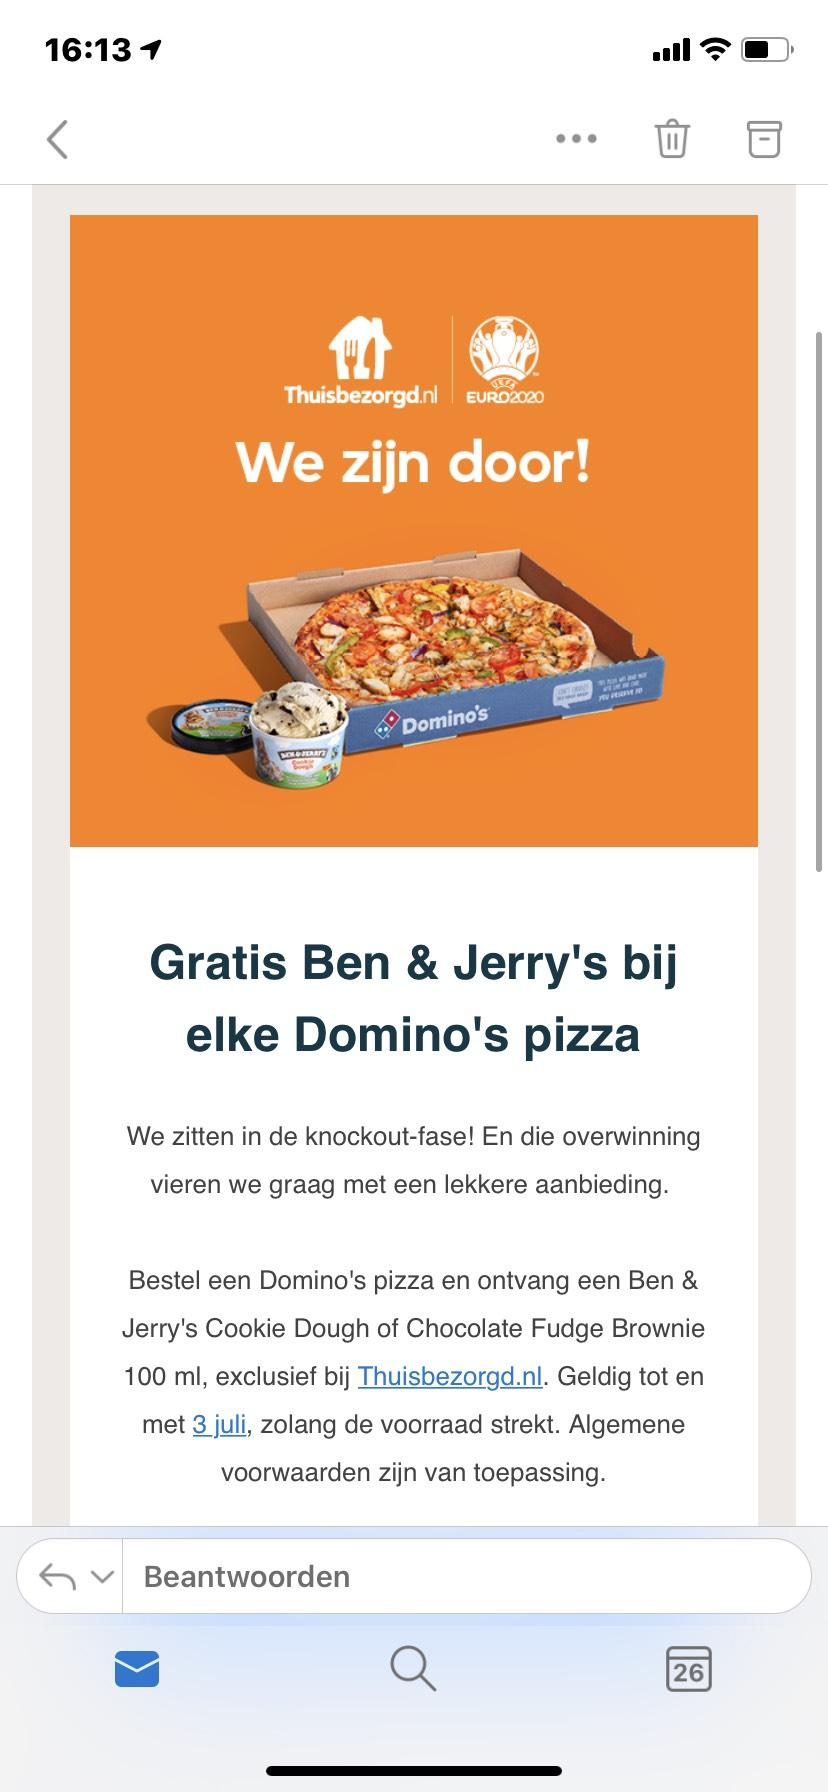 Gratis Ben & Jerry's bij Domino's Pizza @ Thuisbezorgd